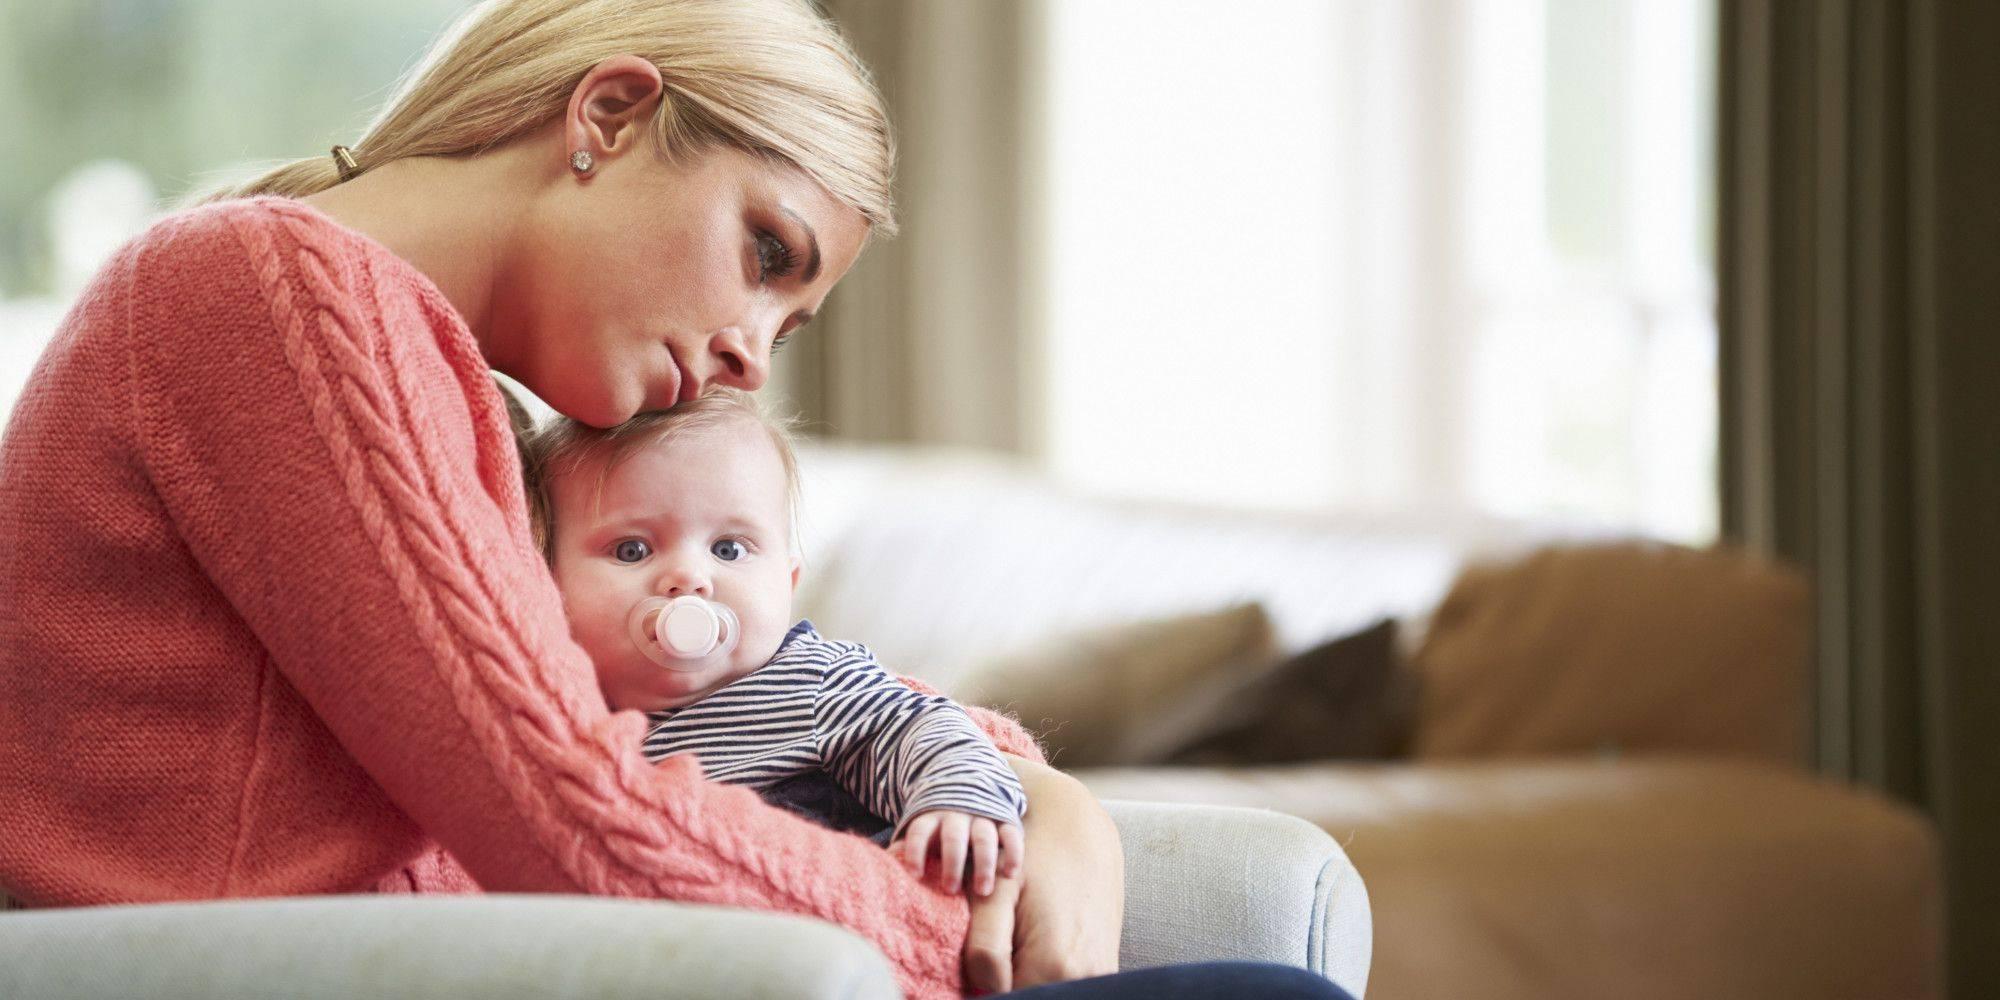 palengvėjimas nuo gimdymo su hipertenzija)